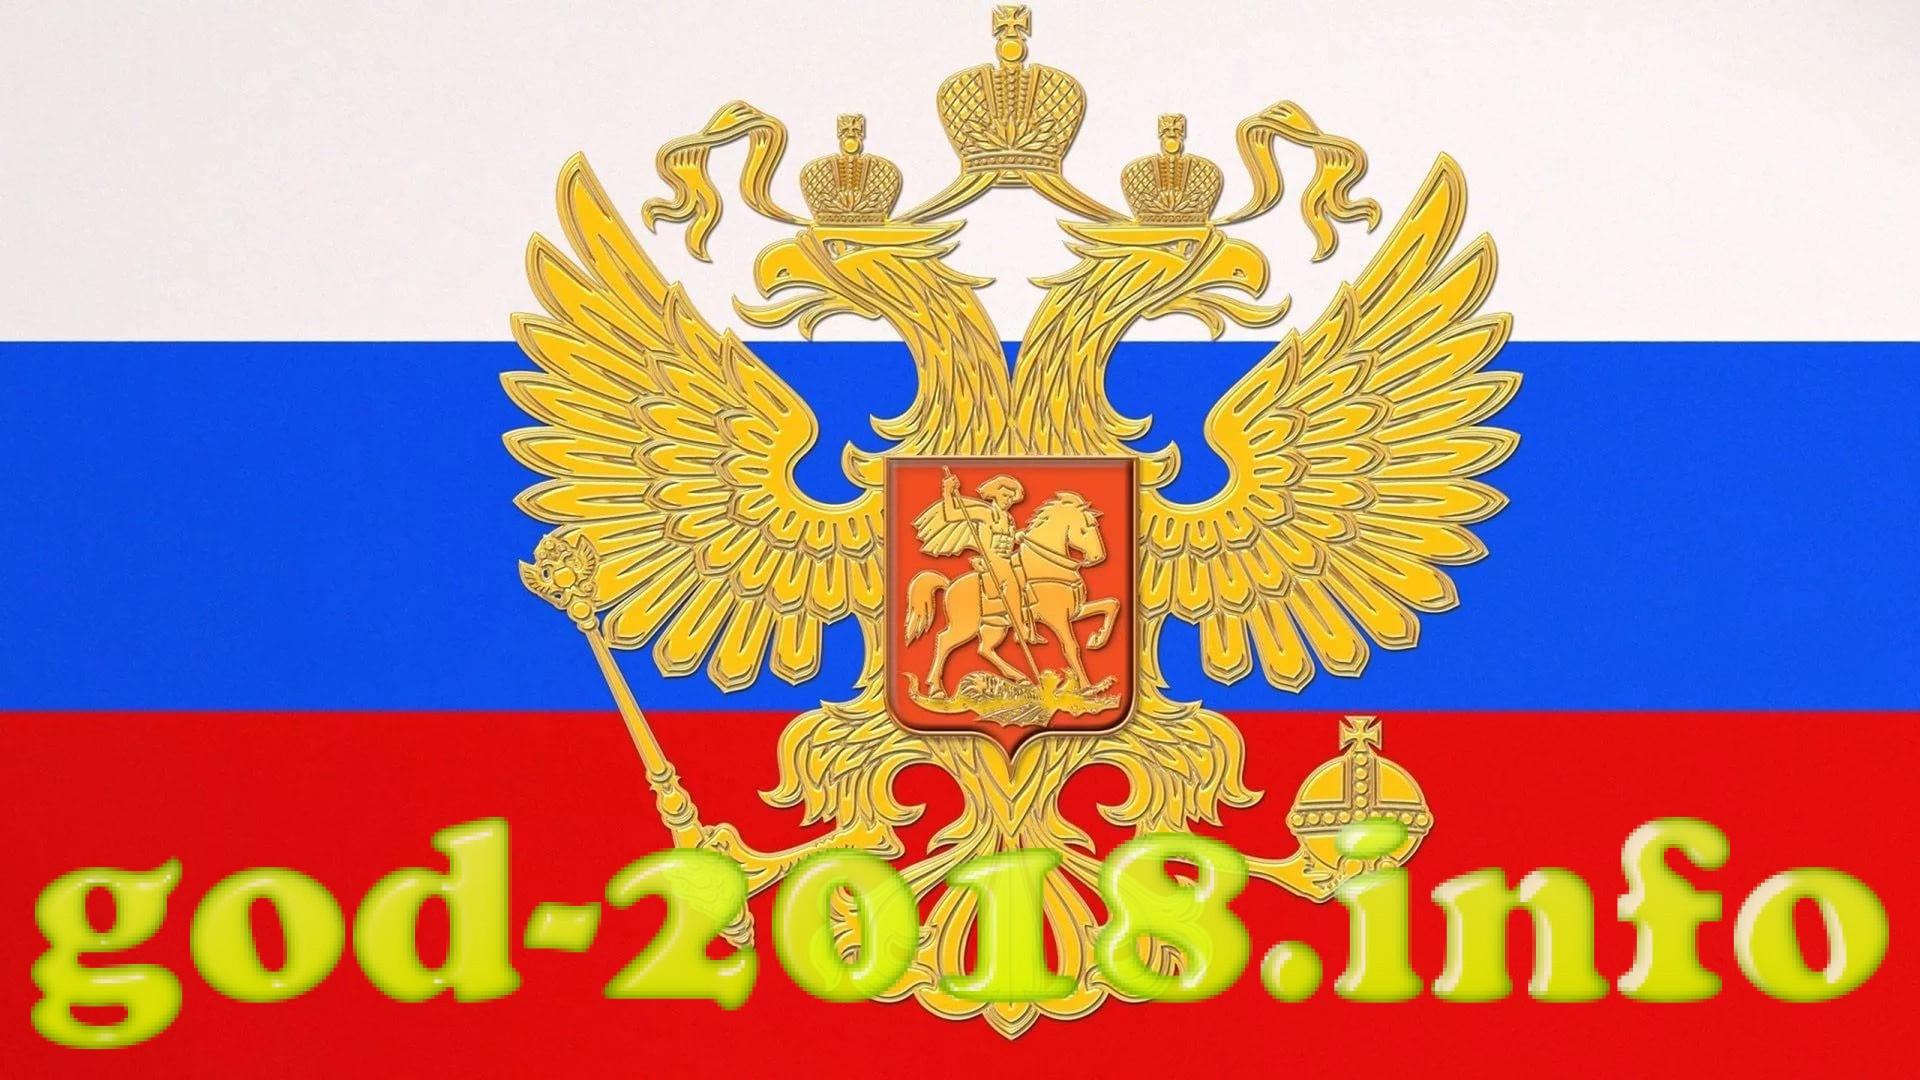 kto-budet-prezidentom-rossijskoj-federacii-v-2018-godu-5